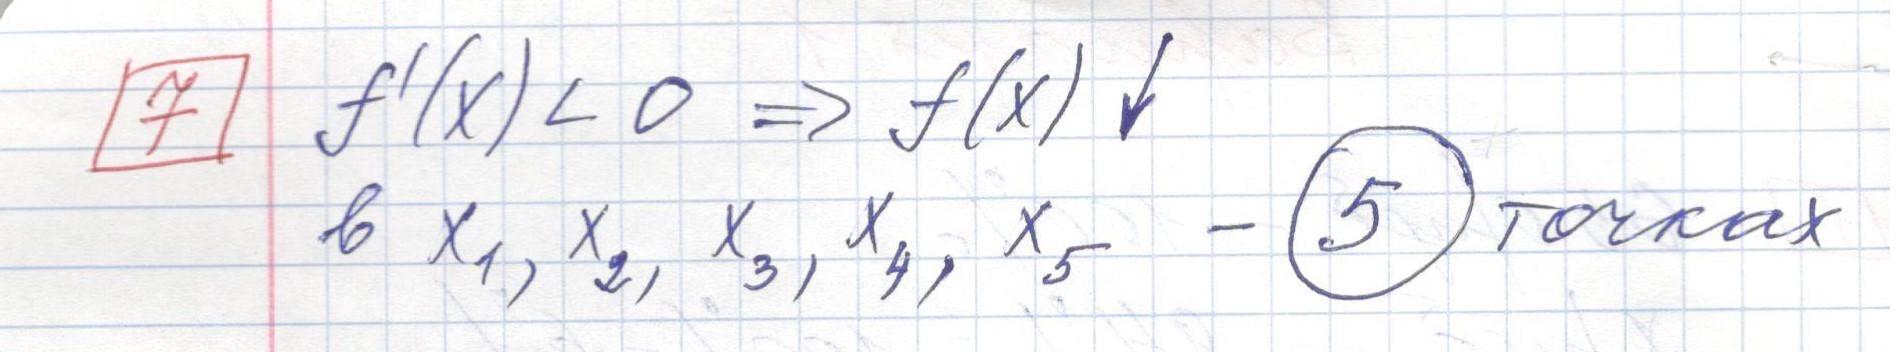 Задние 7, Вариант 1 решение и ответ - Ященко ЕГЭ 2018 математика профиль 36 вариантов